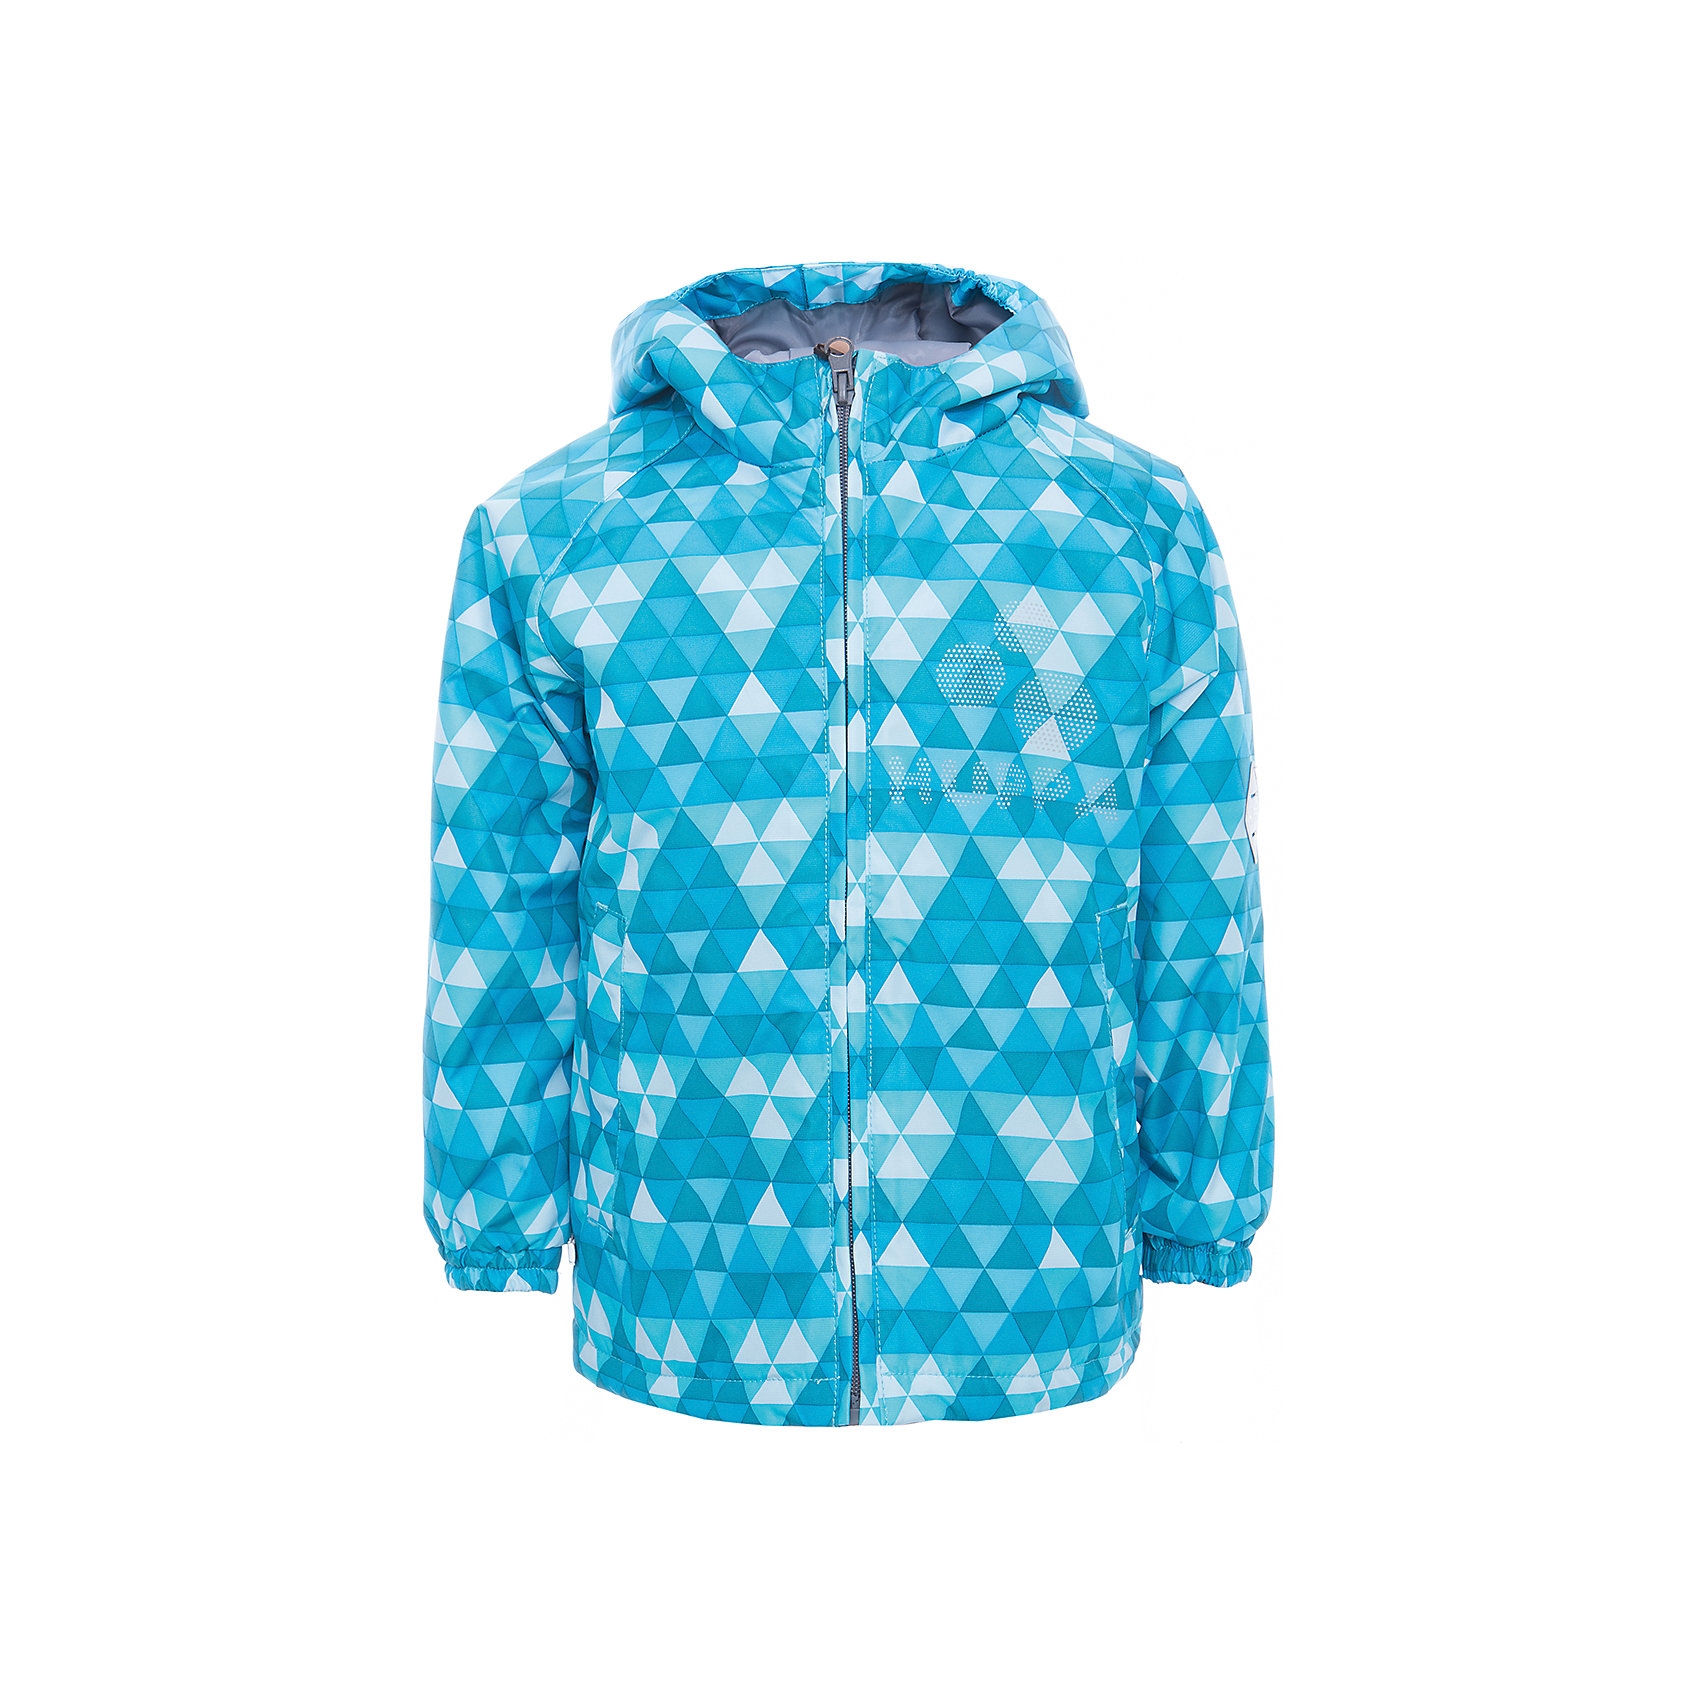 Куртка CLASSY для мальчика HuppaВерхняя одежда<br>Характеристики товара:<br><br>• цвет: голубой<br>• ткань: 100% полиэстер<br>• подкладка: тафта - 100% полиэстер<br>• утеплитель: 100% полиэстер 100 г<br>• температурный режим: от -5°С до +10°С<br>• водонепроницаемость: 10000 мм<br>• воздухопроницаемость: 10000 мм<br>• светоотражающие детали<br>• эластичные манжеты<br>• молния<br>• капюшон с резинкой<br>• капюшон не отстёгивается<br>• карманы<br>• комфортная посадка<br>• коллекция: весна-лето 2017<br>• страна бренда: Эстония<br><br>Эта стильная куртка обеспечит детям тепло и комфорт. Она сделана из материала, отталкивающего воду, и дополнено подкладкой с утеплителем, поэтому изделие идеально подходит для межсезонья. Материал изделия - с мембранной технологией: защищая от влаги и ветра, он легко выводит лишнюю влагу наружу. Для удобства сделан капюшон. Куртка очень симпатично смотрится, яркая расцветка и крой добавляют ему оригинальности. Модель была разработана специально для детей.<br><br>Одежда и обувь от популярного эстонского бренда Huppa - отличный вариант одеть ребенка можно и комфортно. Вещи, выпускаемые компанией, качественные, продуманные и очень удобные. Для производства изделий используются только безопасные для детей материалы. Продукция от Huppa порадует и детей, и их родителей!<br><br>Куртку CLASSY от бренда Huppa (Хуппа) можно купить в нашем интернет-магазине.<br><br>Ширина мм: 356<br>Глубина мм: 10<br>Высота мм: 245<br>Вес г: 519<br>Цвет: синий<br>Возраст от месяцев: 96<br>Возраст до месяцев: 108<br>Пол: Мужской<br>Возраст: Детский<br>Размер: 134,140,146,152,92,98,104,110,116,122,128<br>SKU: 5347134